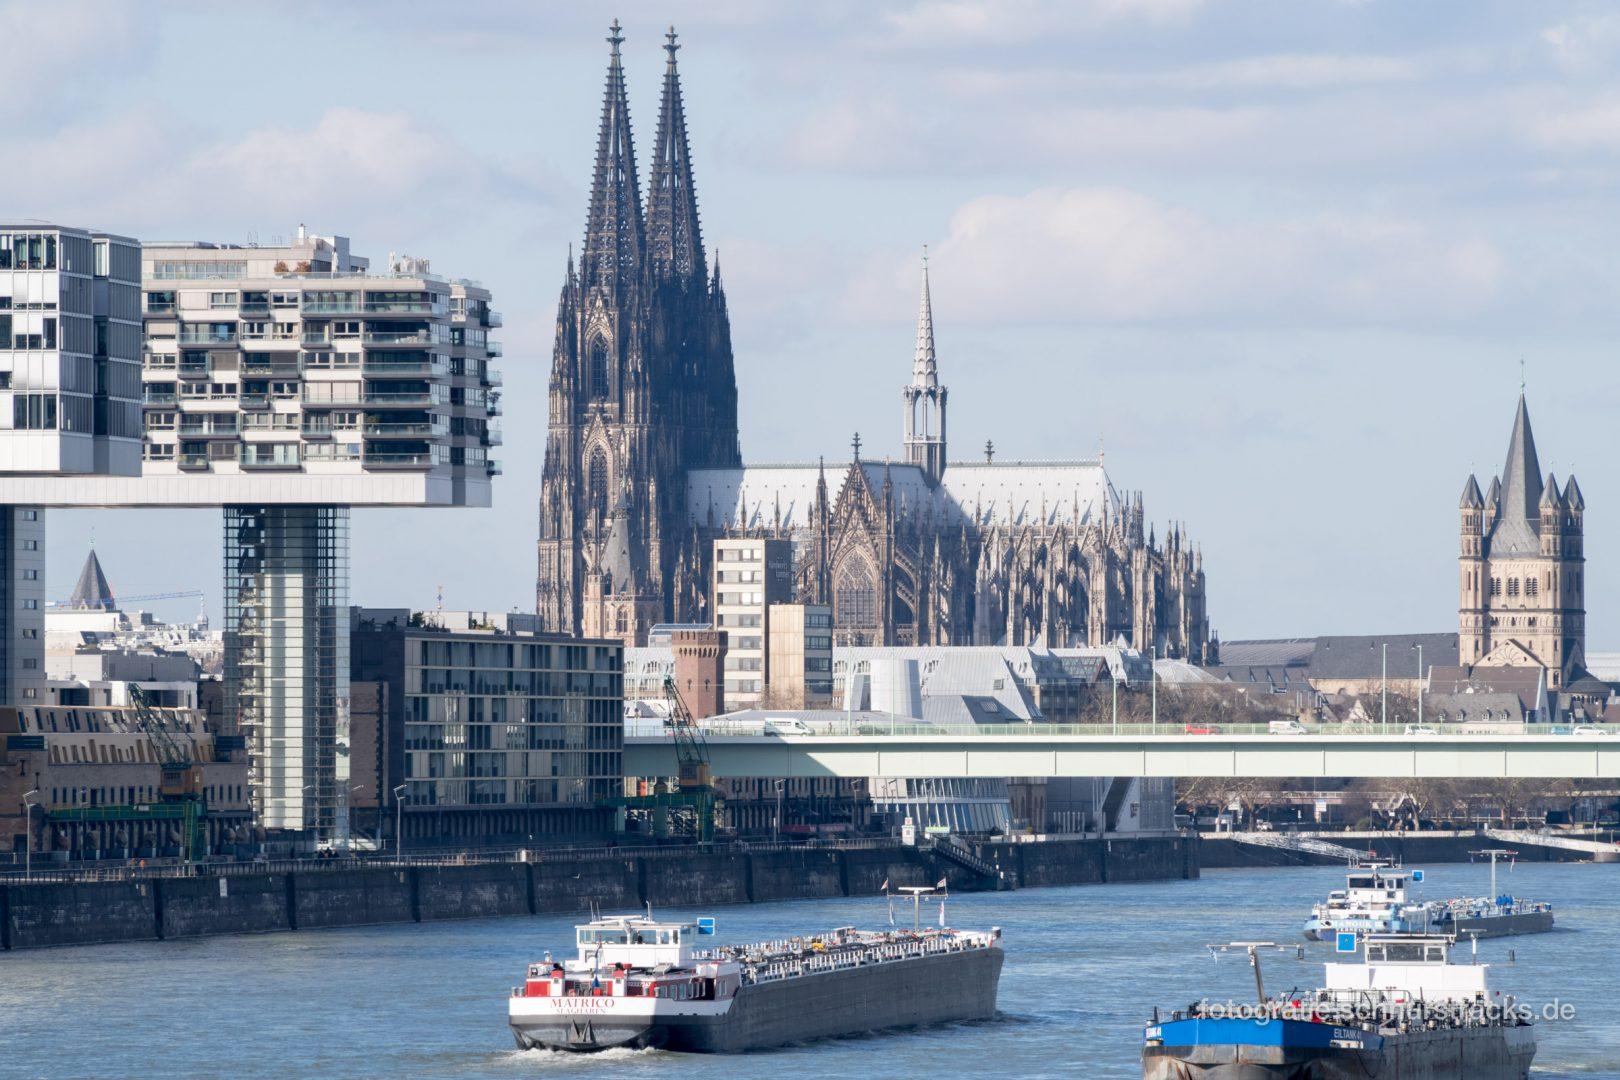 Kölner Dom am Rhein mit Rheinschiffen #0988